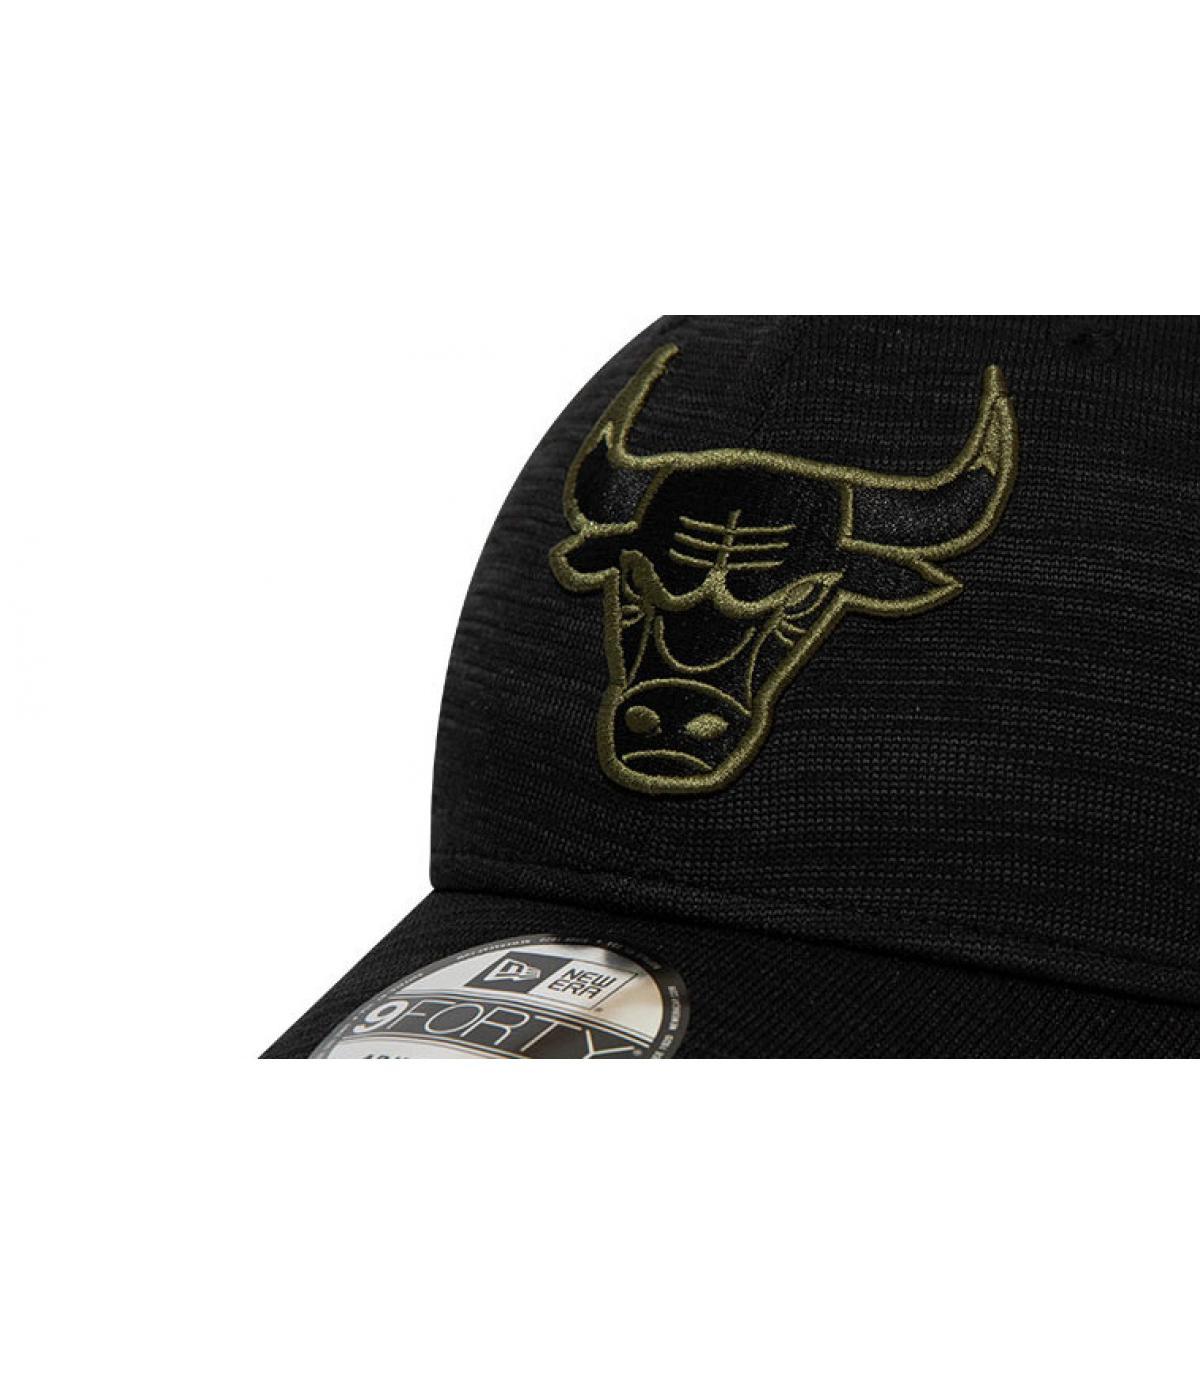 Details Engineered Fit Bulls 940 black olive - afbeeling 3